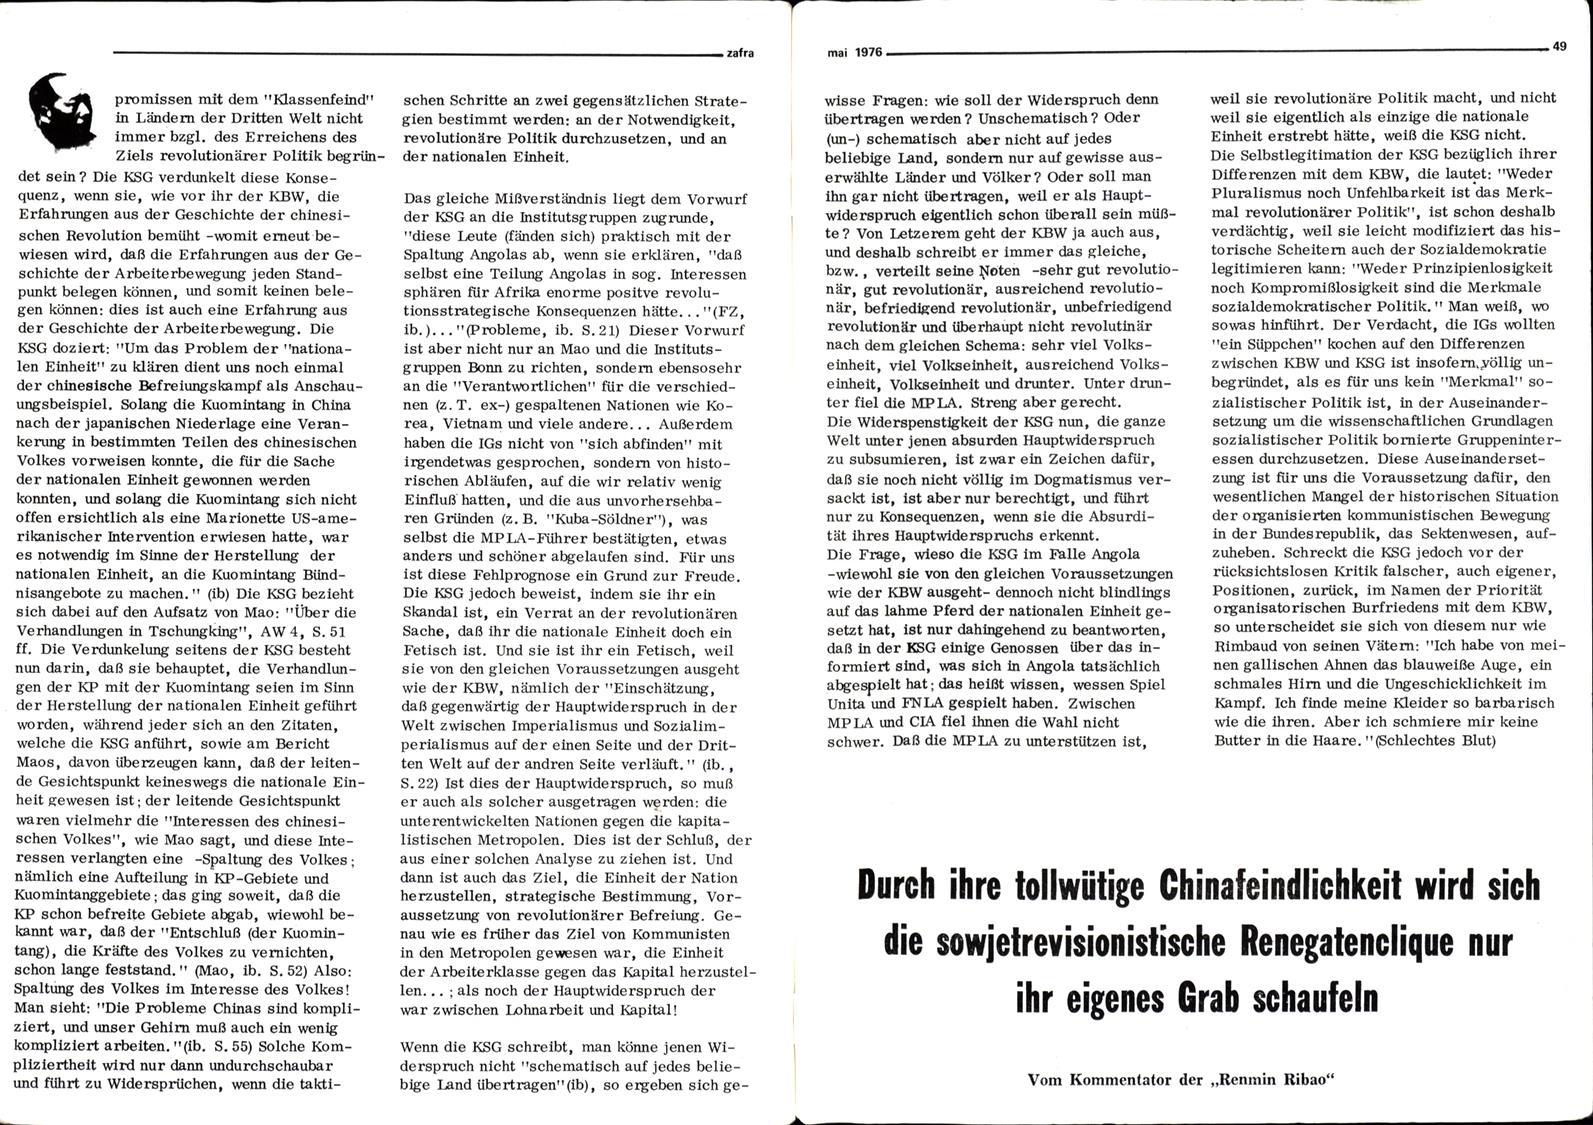 Bonn_ZAFRA_01_19760500_25